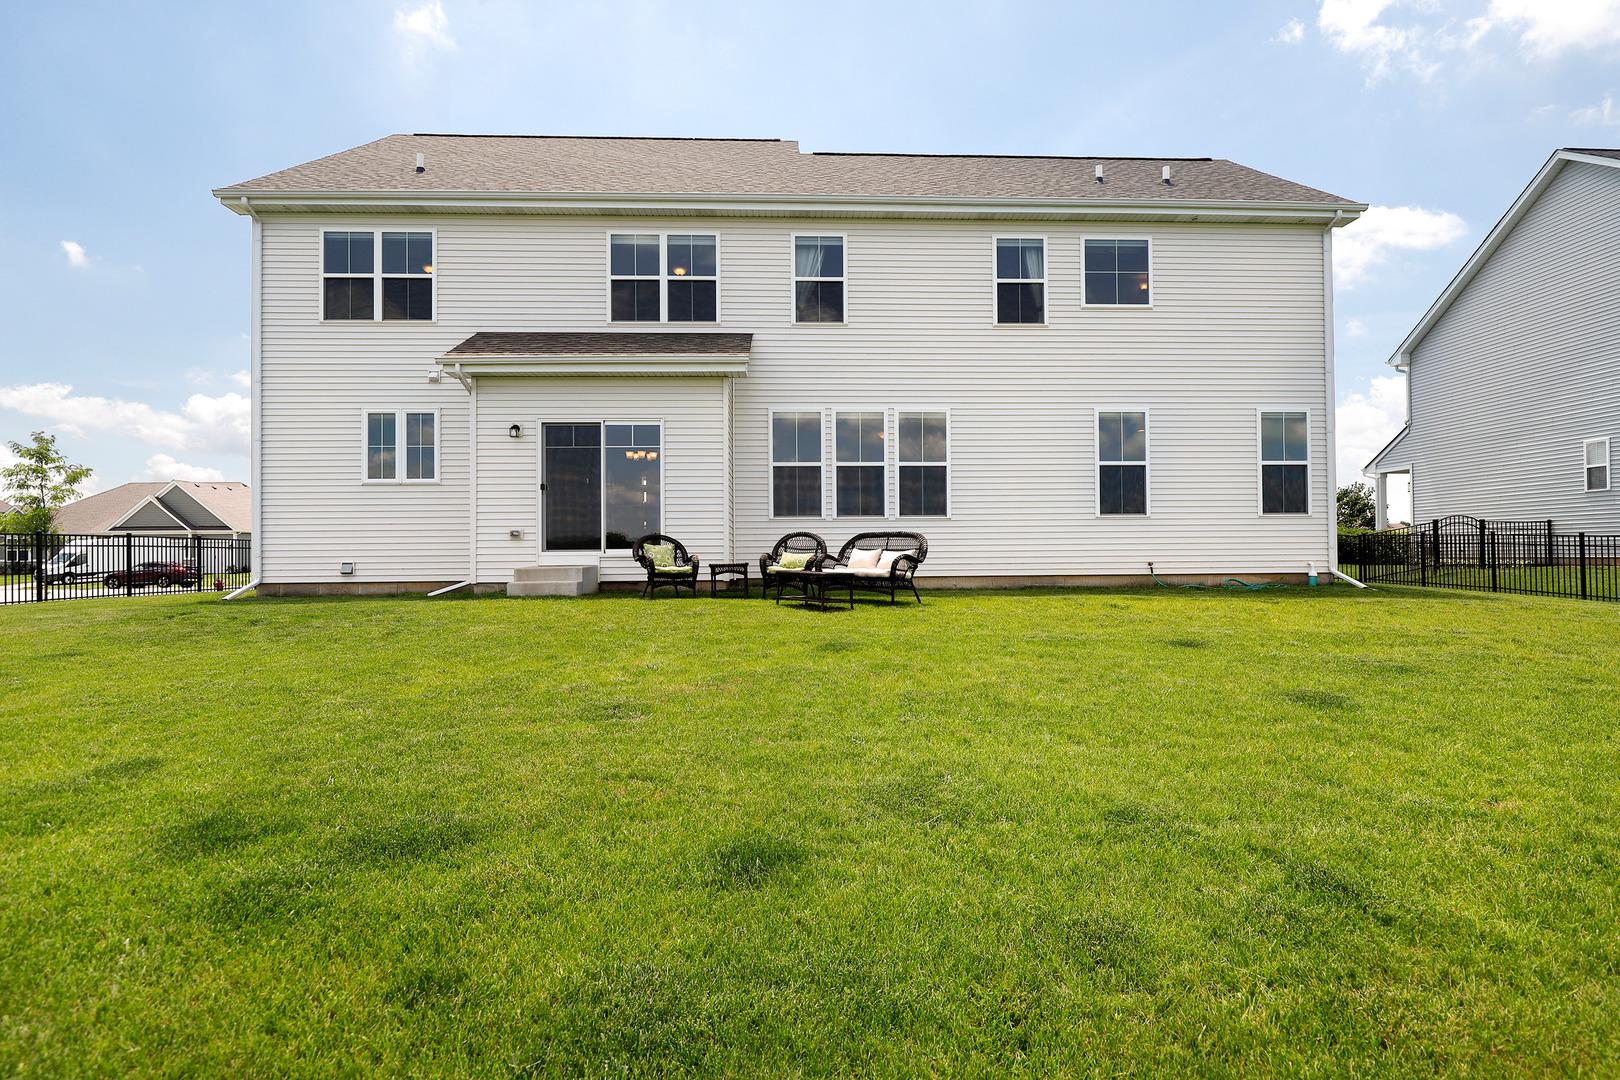 1300 Spalding, ELBURN, Illinois, 60119